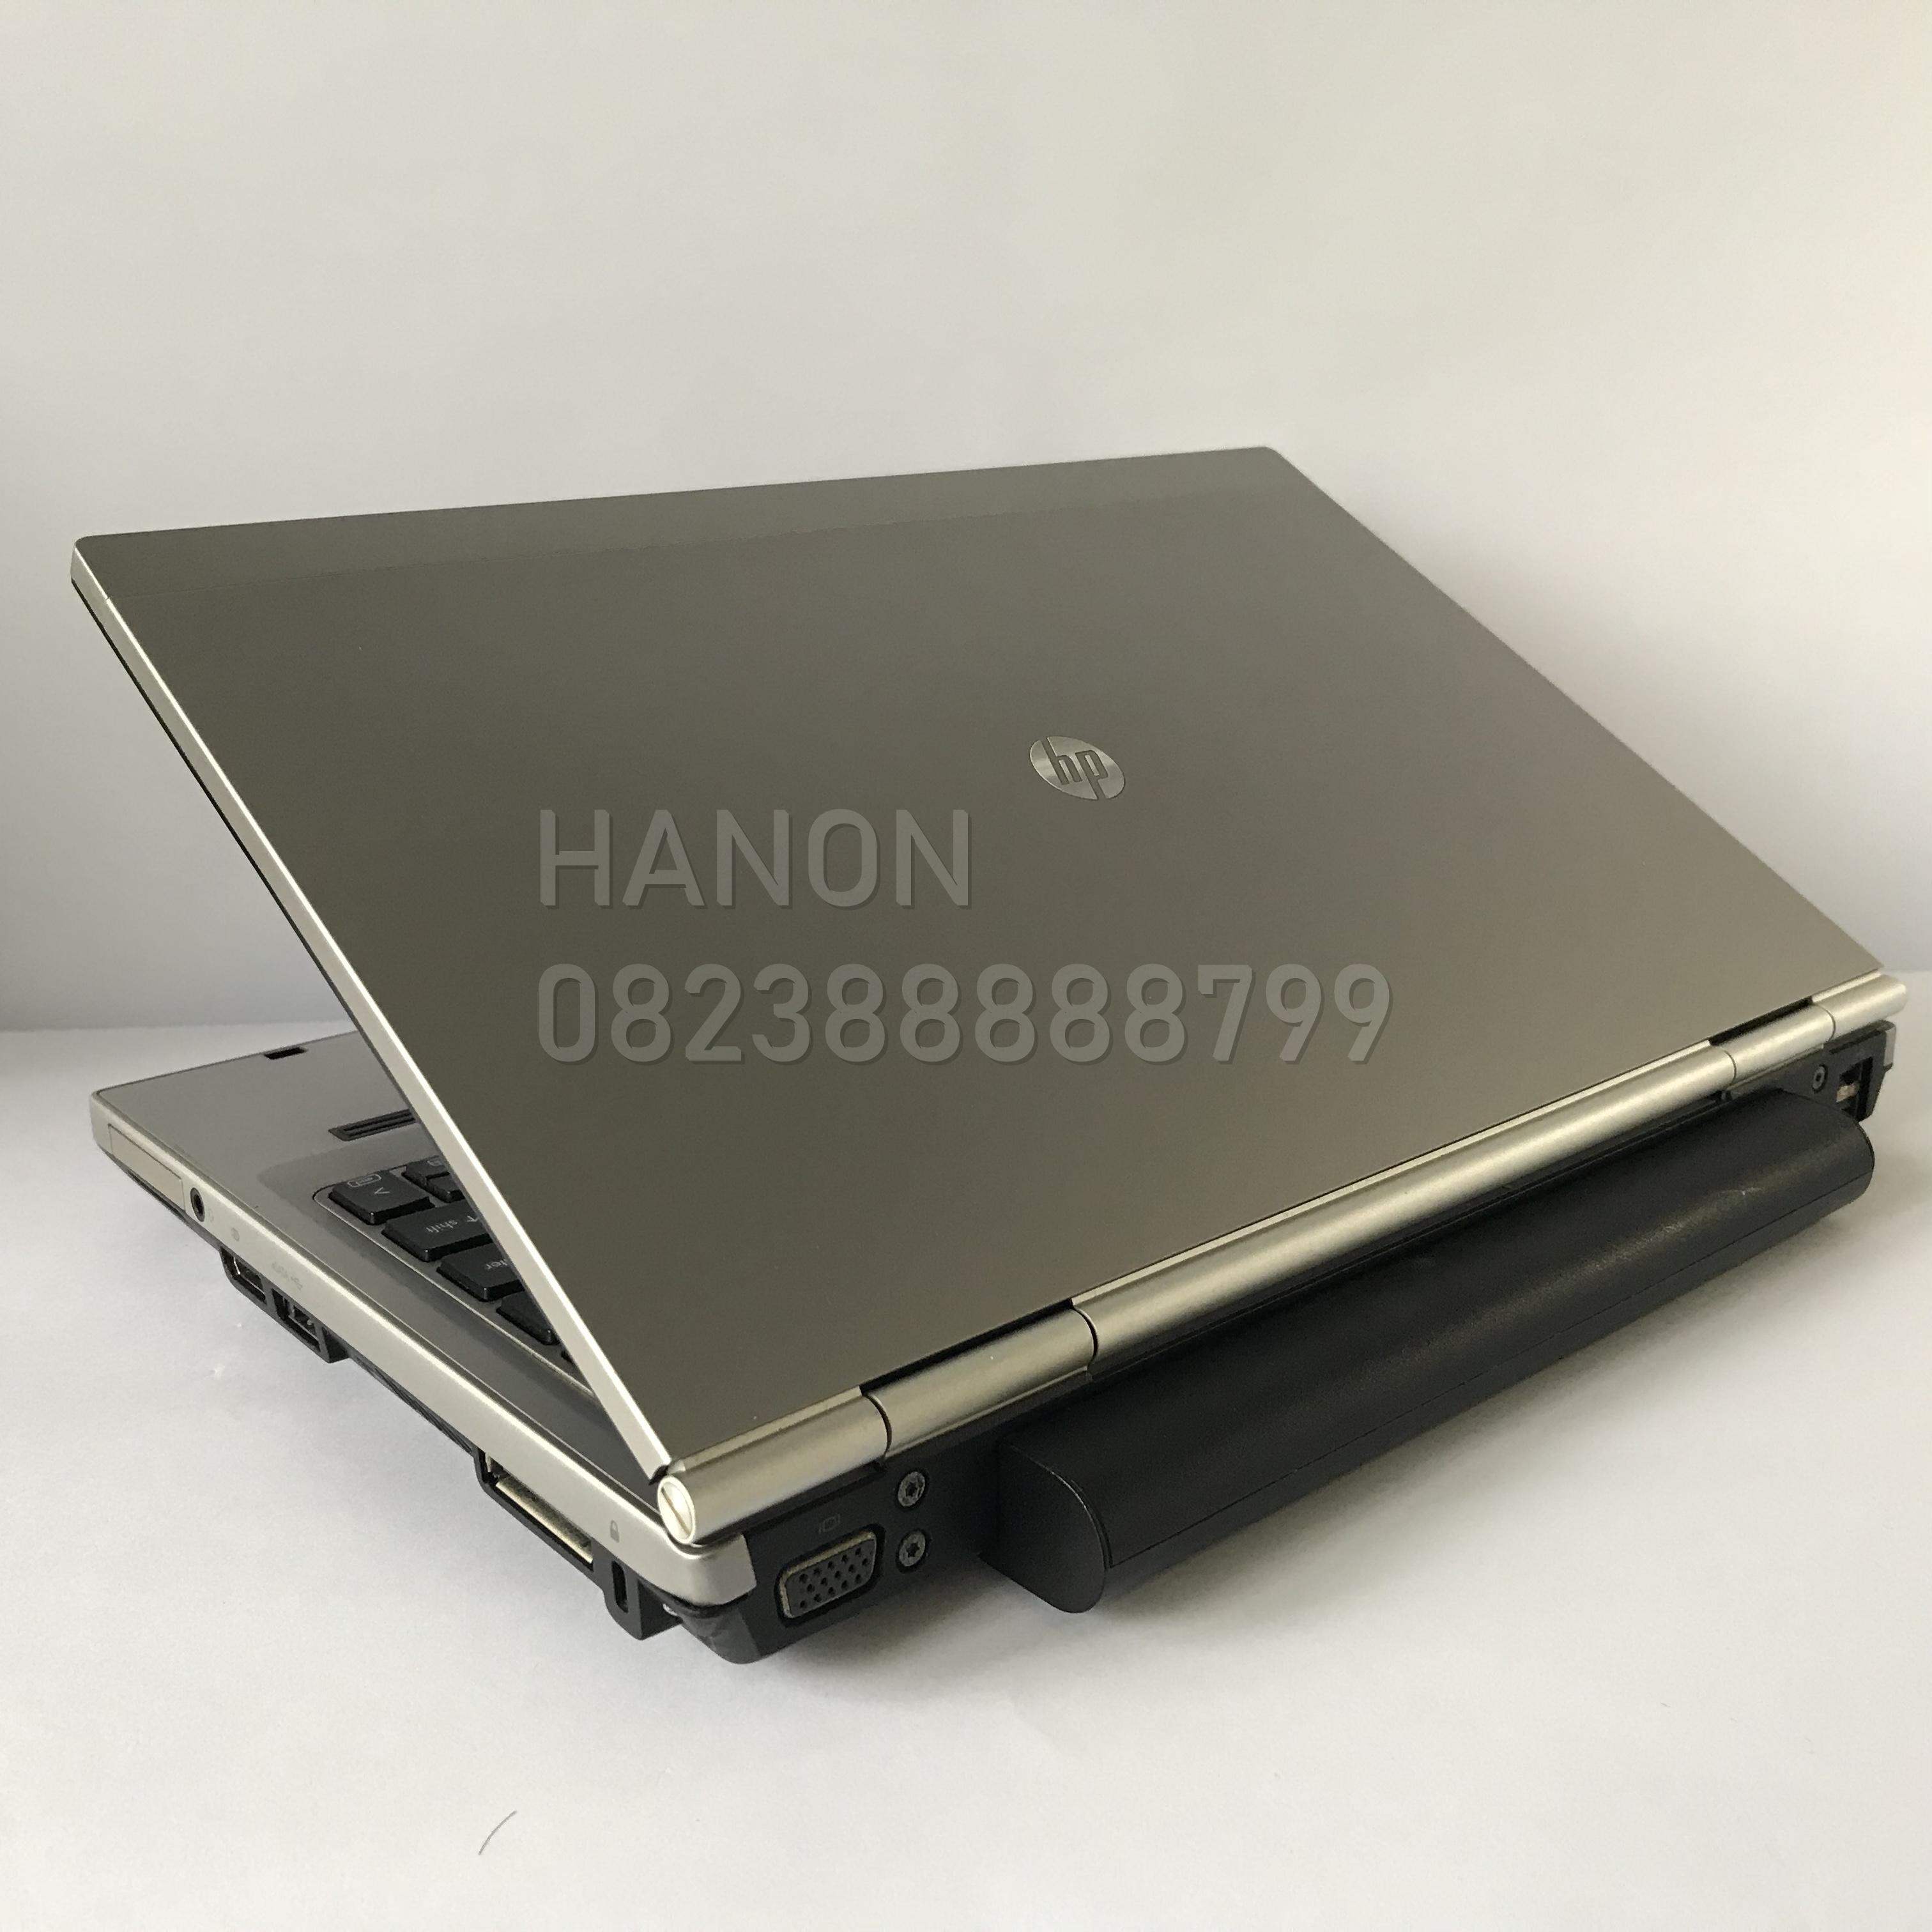 Permalink to Laptop Yang Cocok Untuk Mahasiswa Ulasan